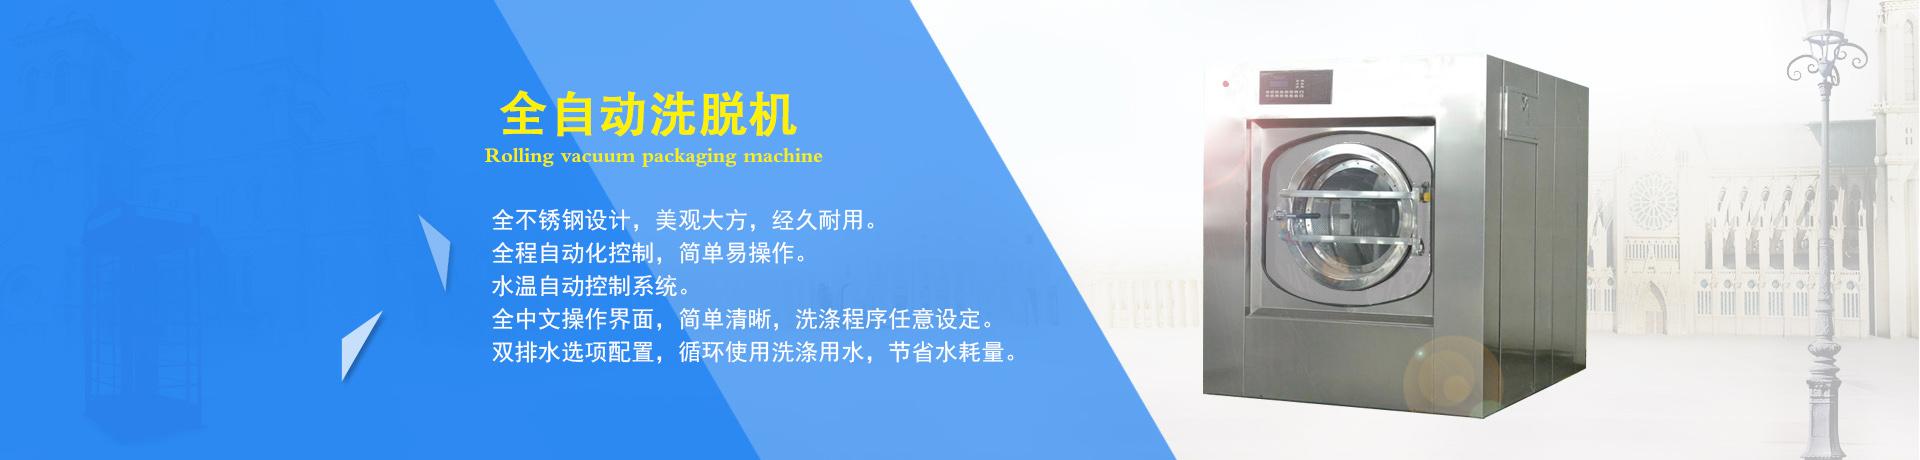 全自动工业水洗机介绍